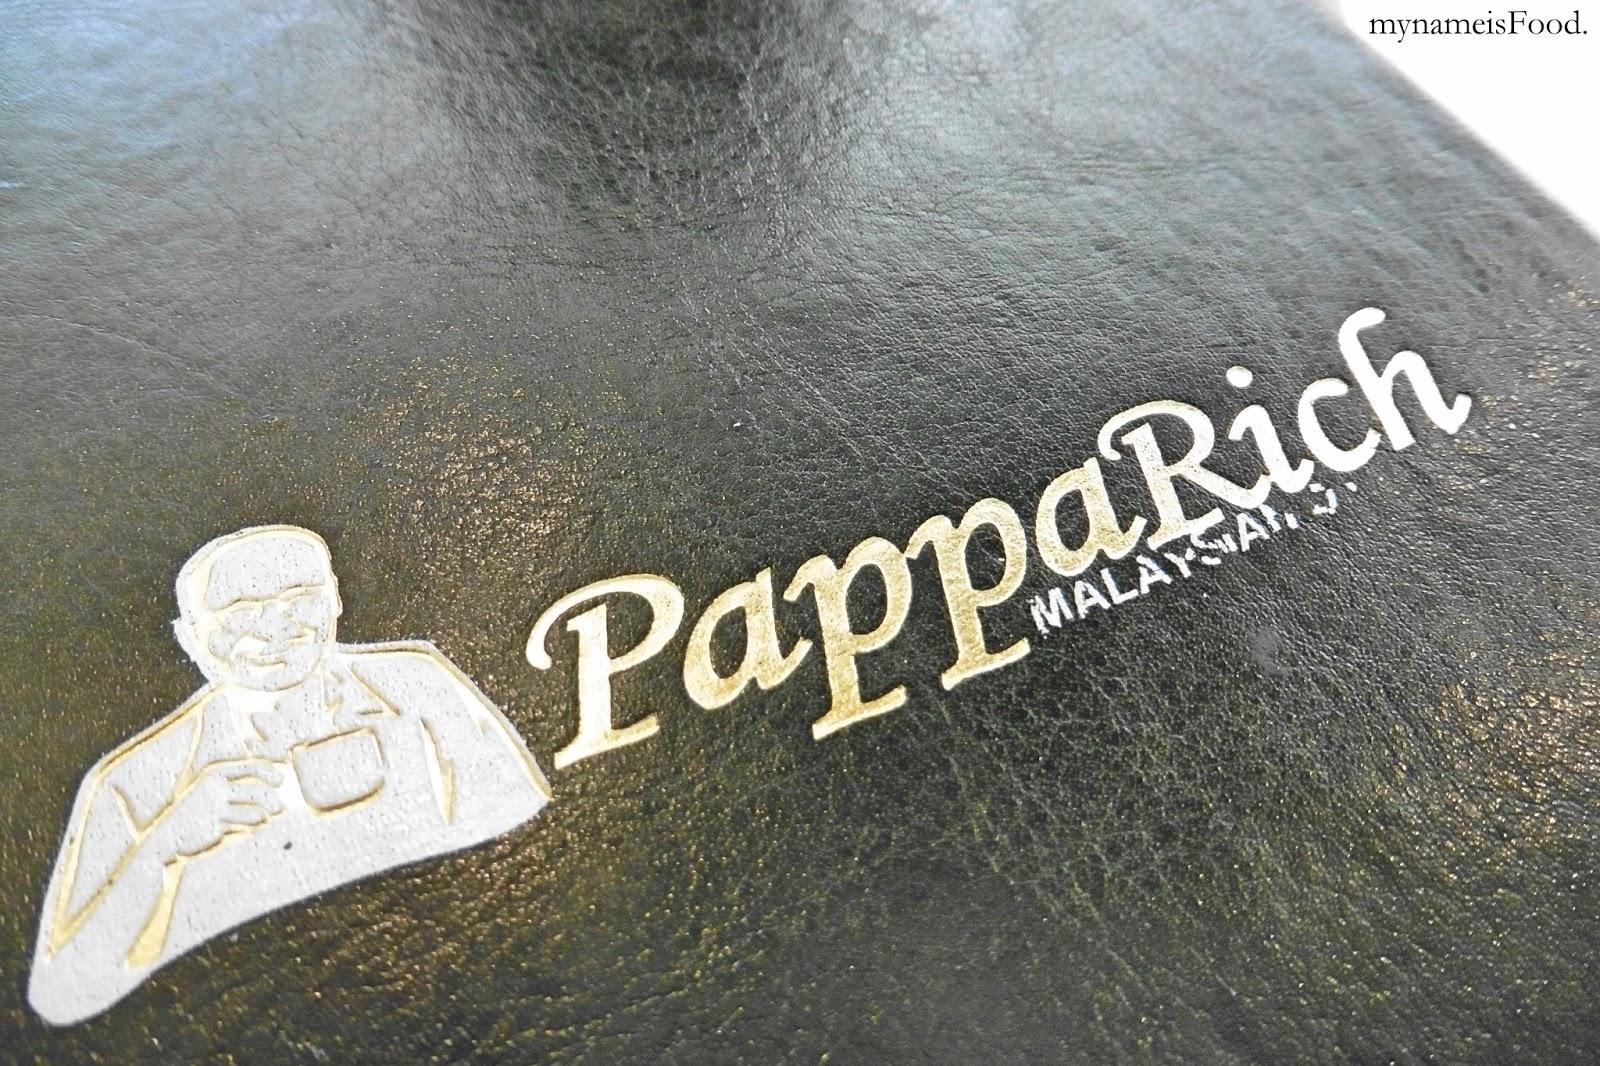 papparich wintergarden brisbane cbd my name is food